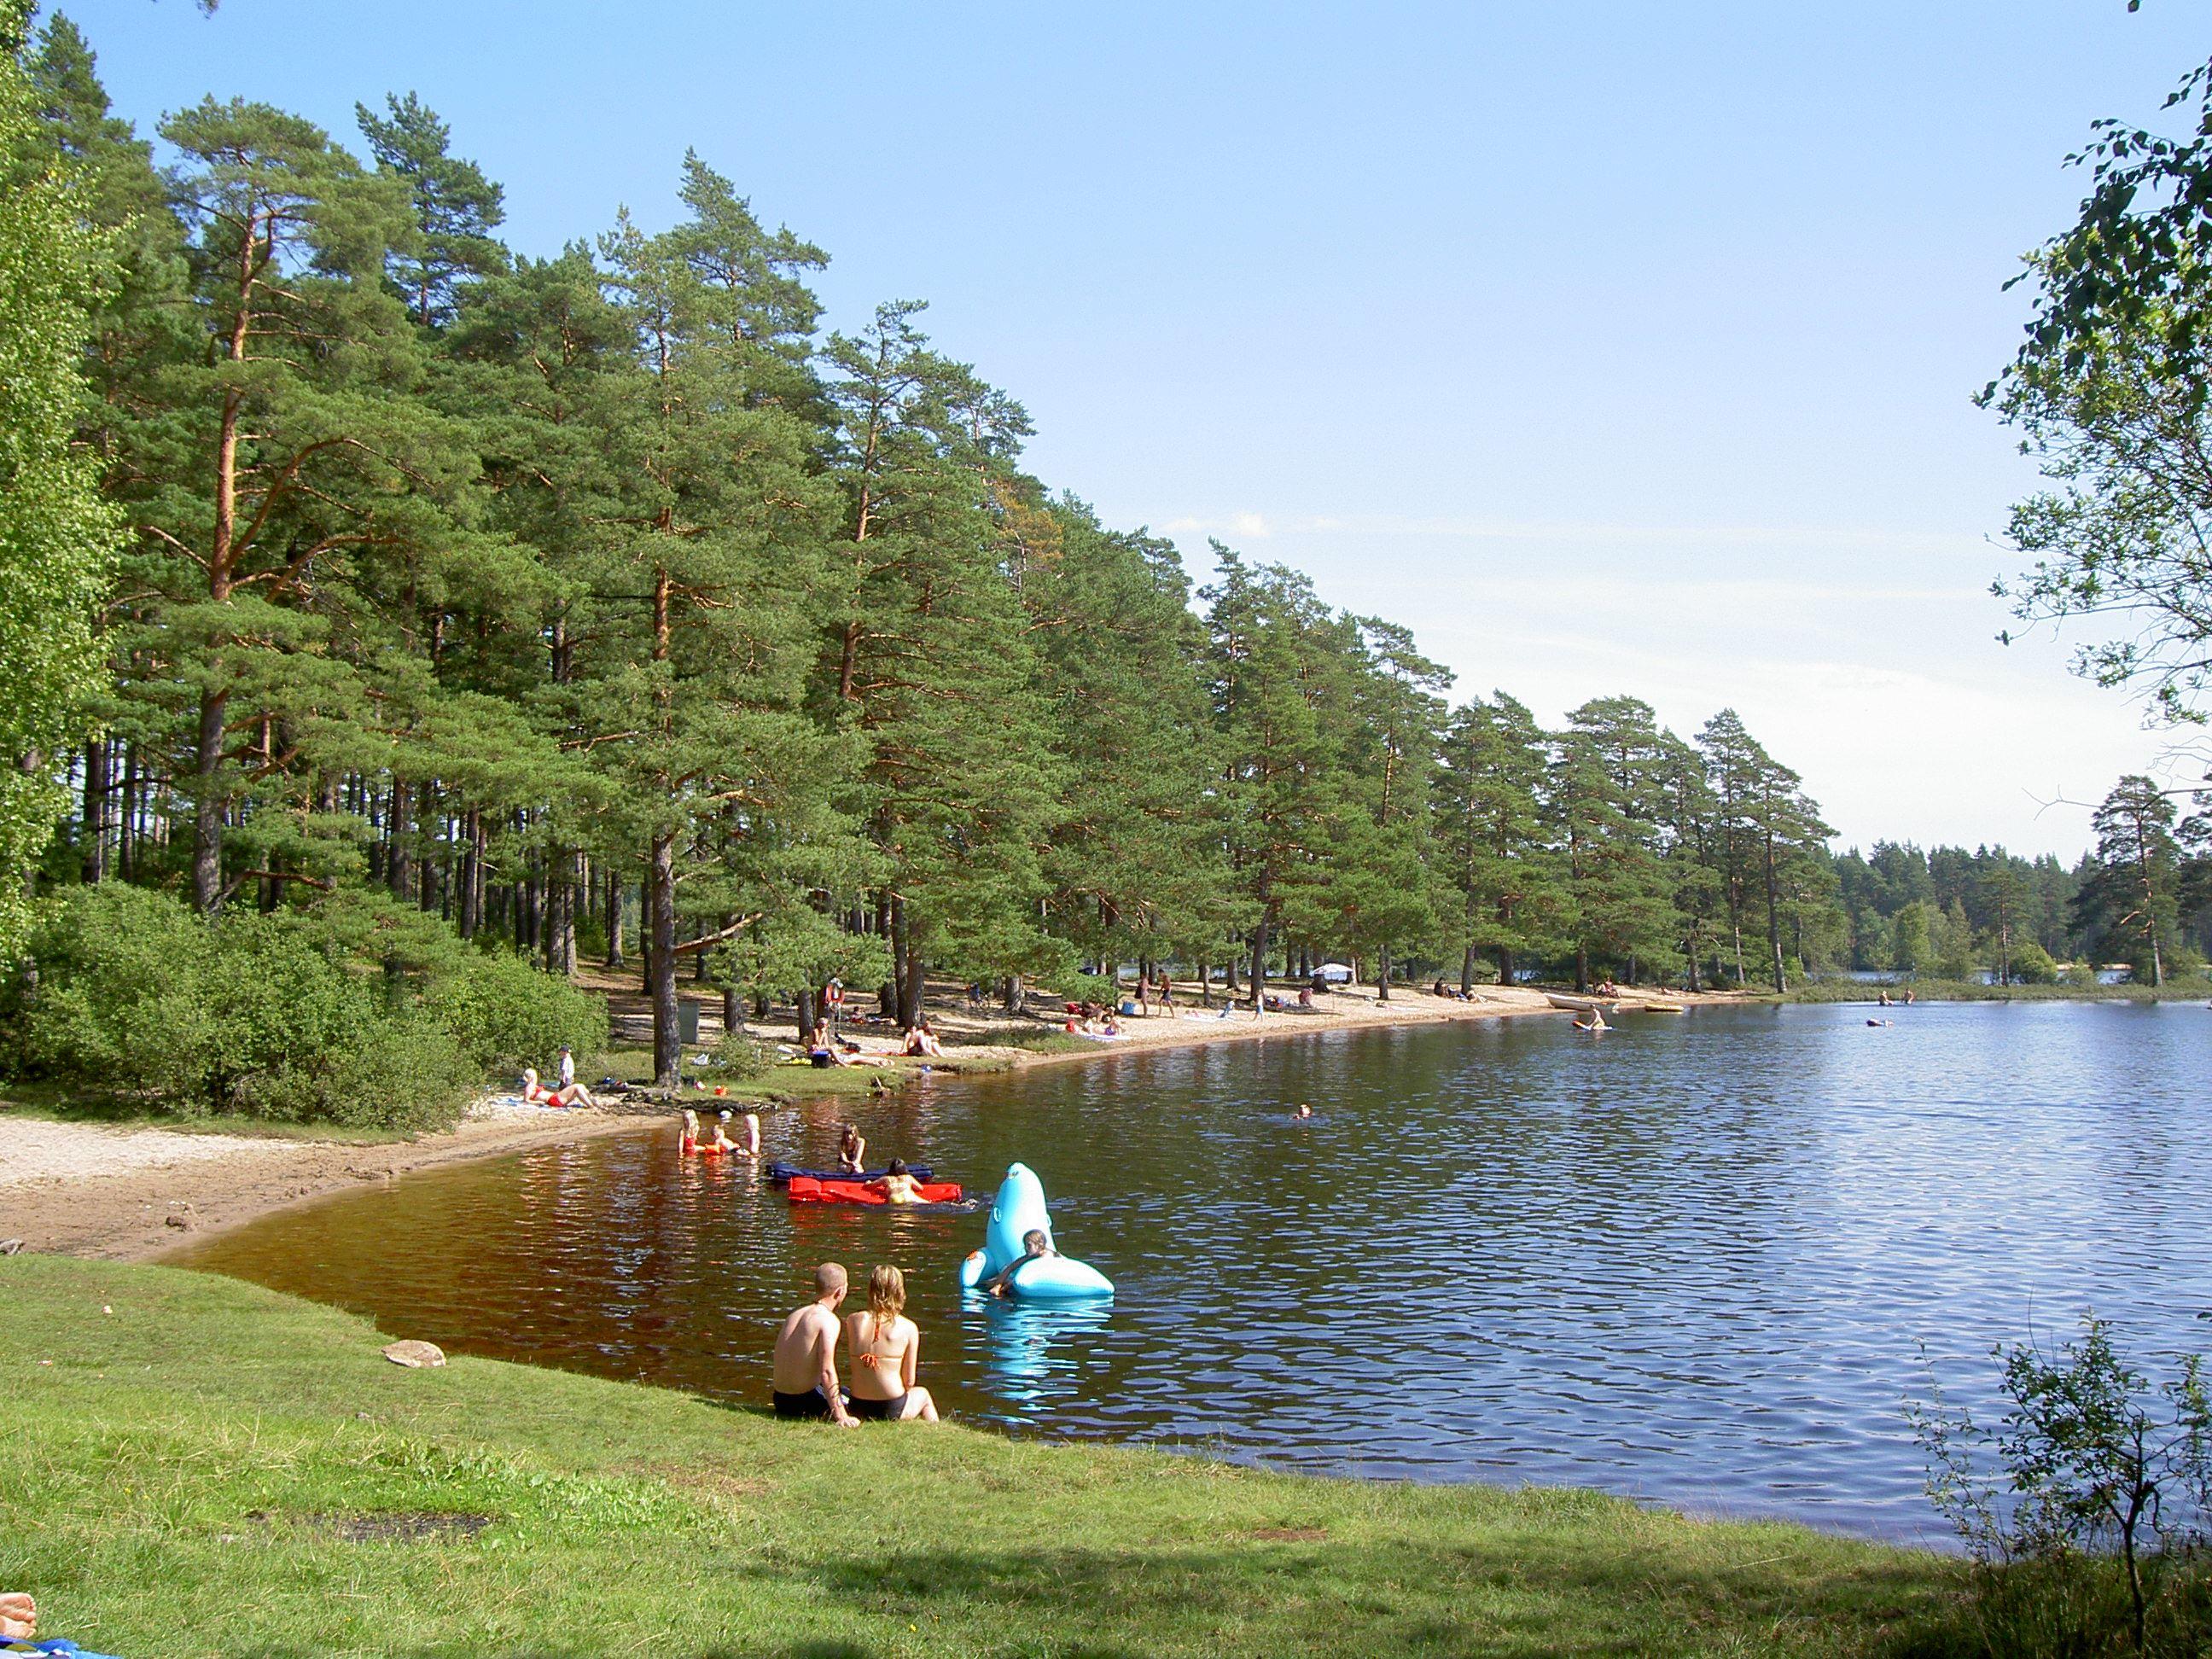 Bada i Rolstorpasjön, Vaggeryds kommun